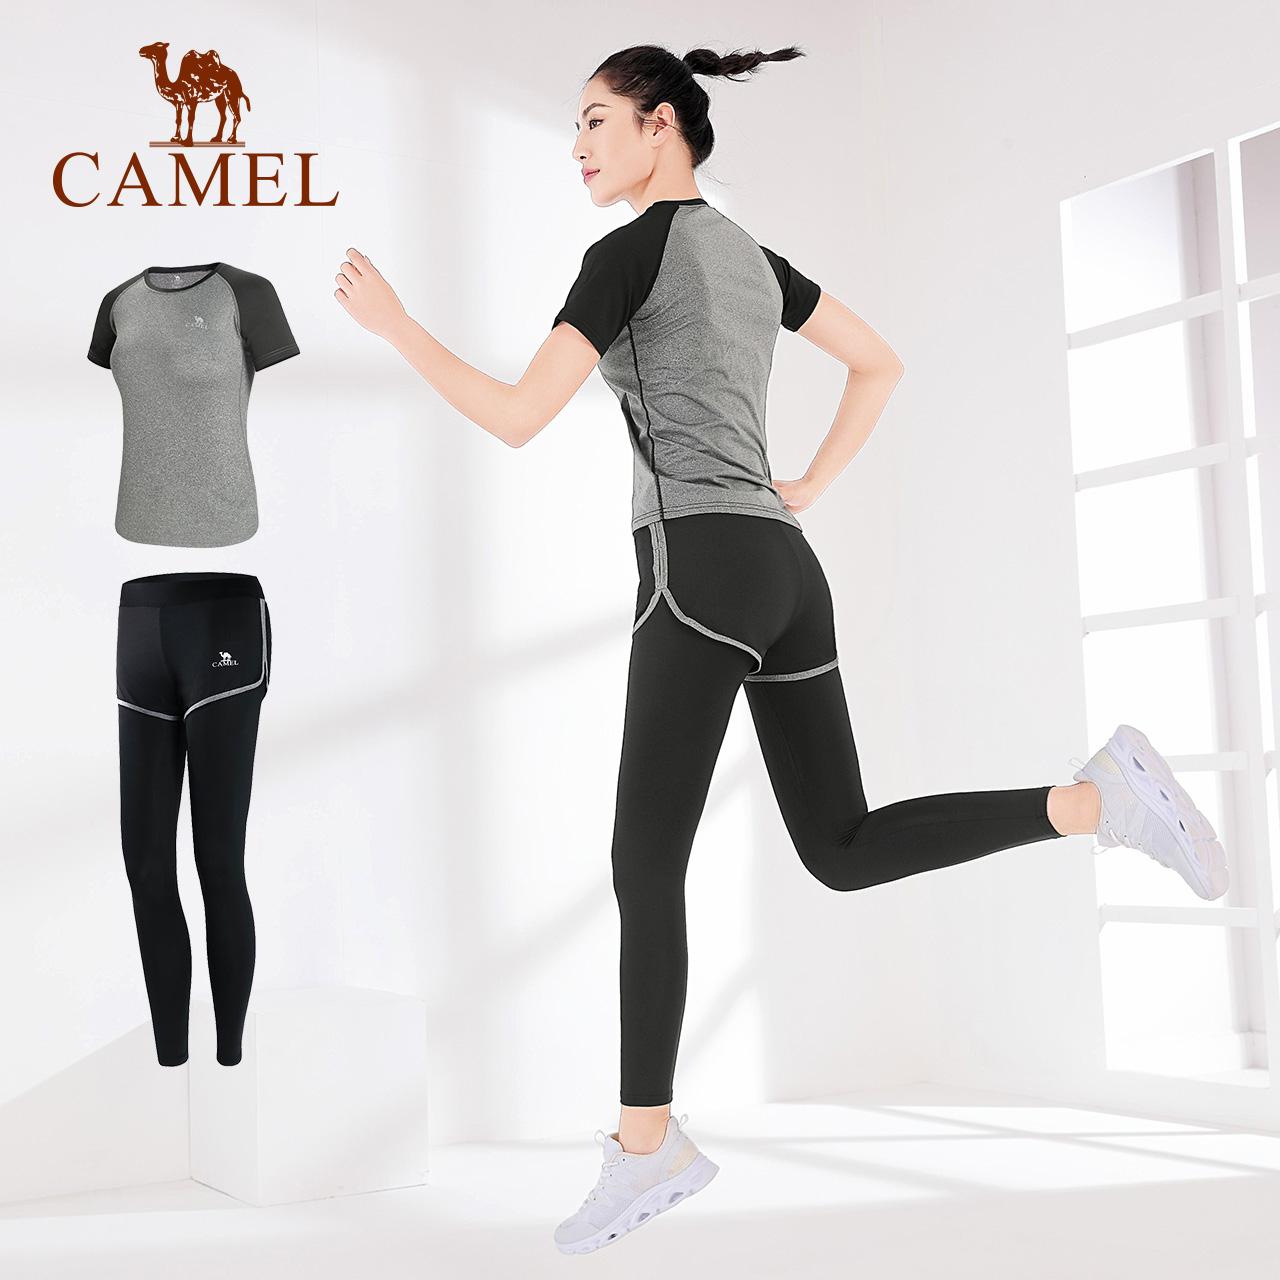 骆驼瑜伽服女春秋季运动服套装长袖晨跑步衣服健身房健身服薄款夏